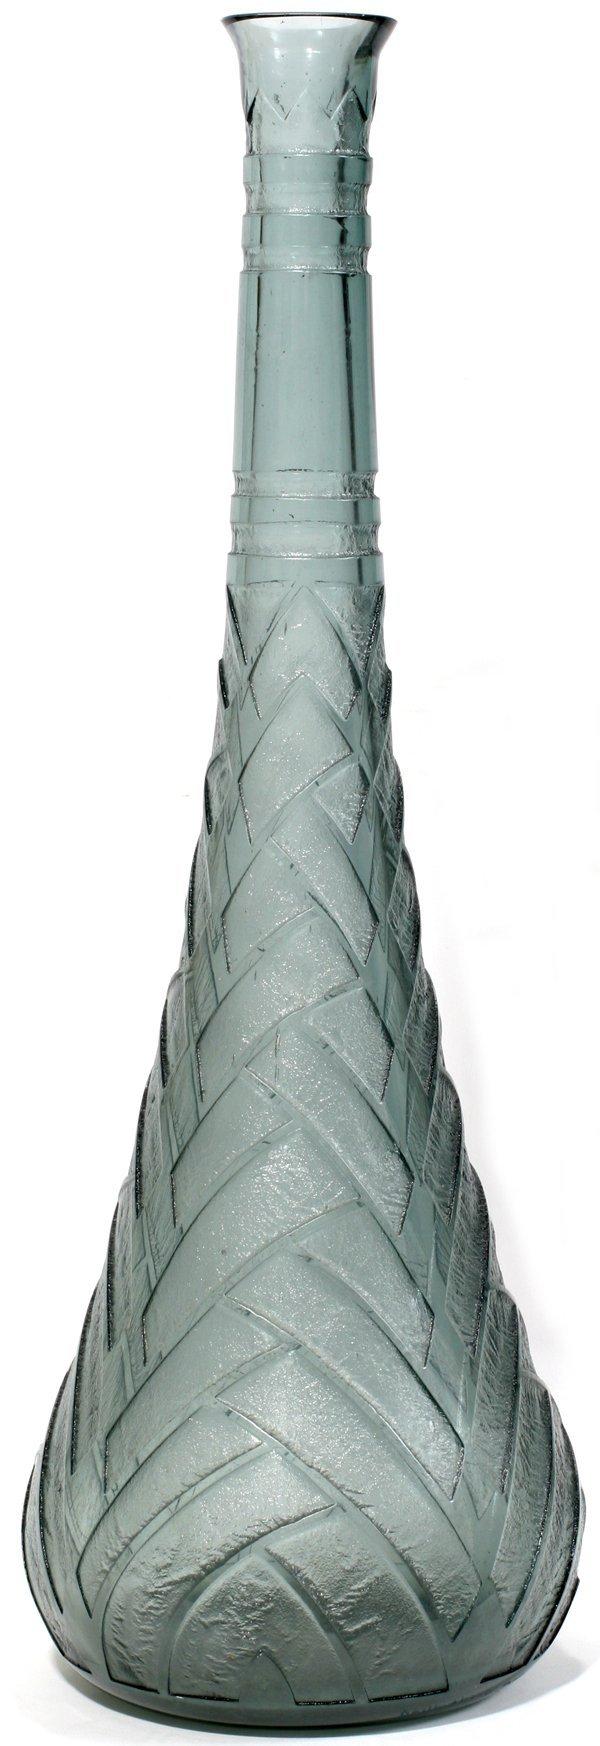 032010: DAUM NANCY ART DECO BULLET SHAPE VASE C. 1930